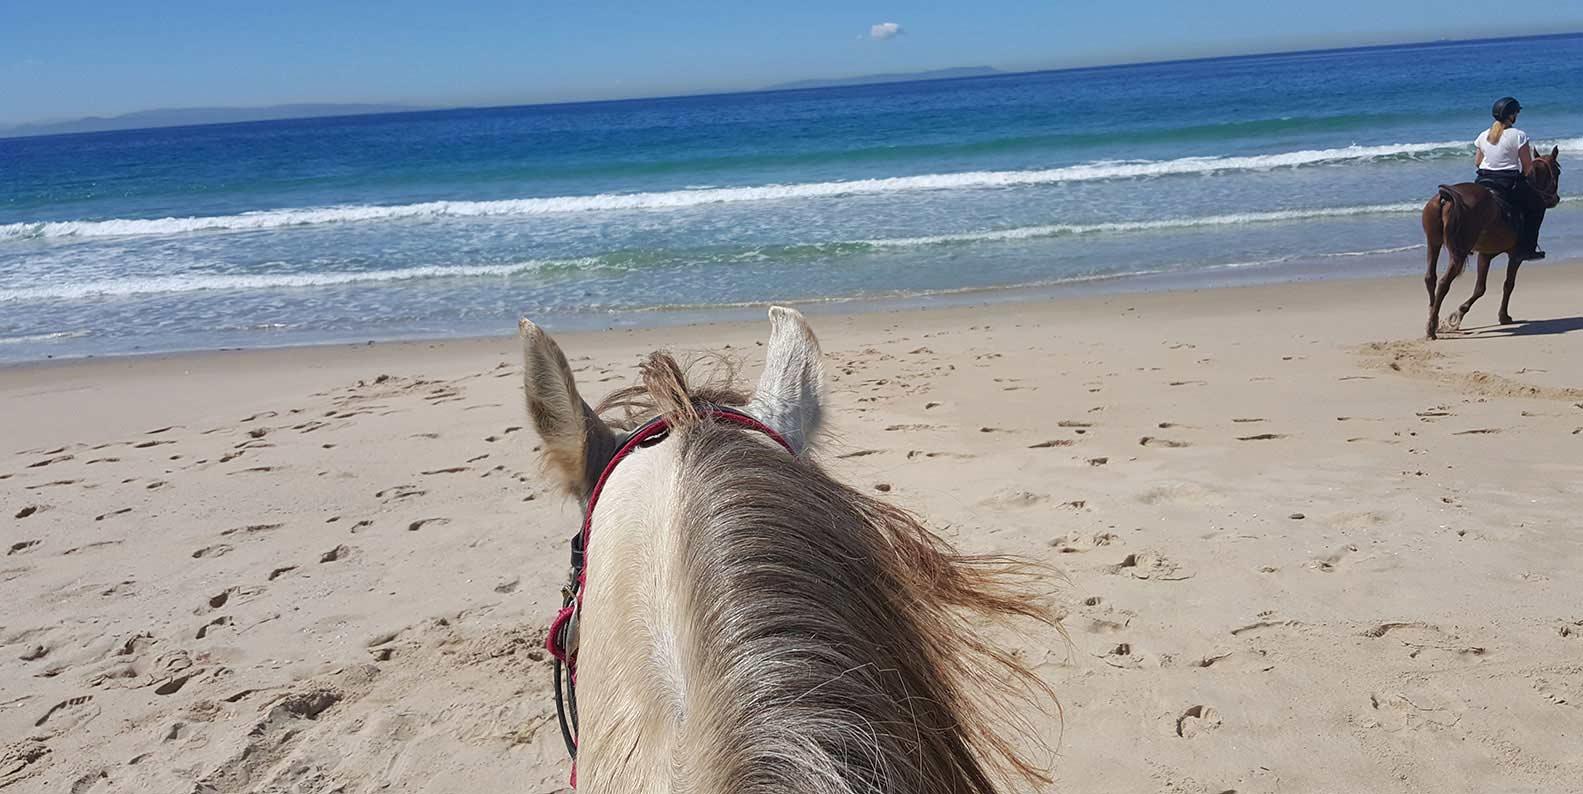 E3 horse riding holidays